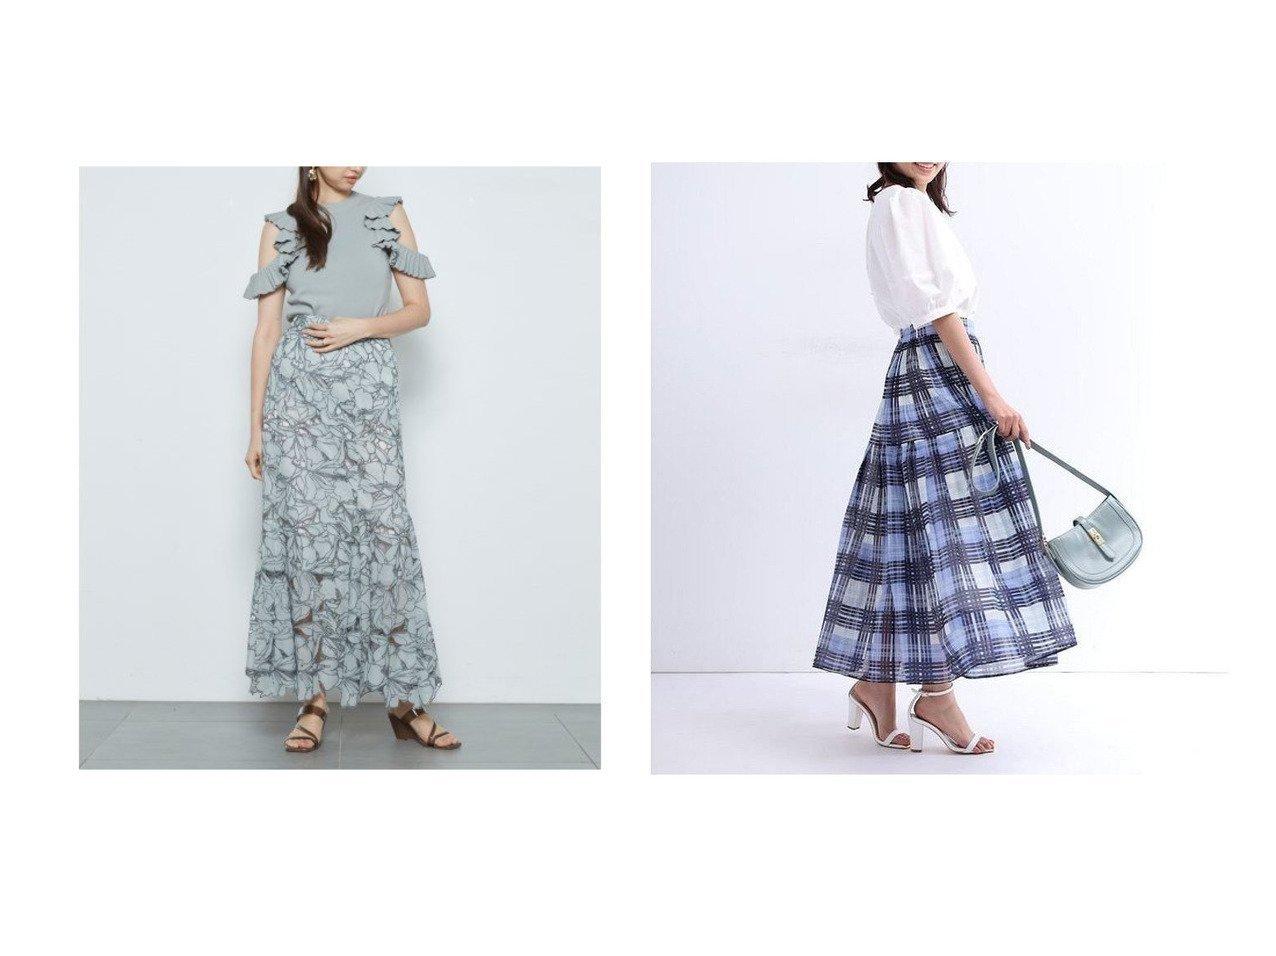 【SNIDEL/スナイデル】のカッティングレースマーメイドスカート&【JUSGLITTY/ジャスグリッティー】のシアーチェックプリーツスカート 【スカート】おすすめ!人気、トレンド・レディースファッションの通販 おすすめで人気の流行・トレンド、ファッションの通販商品 インテリア・家具・メンズファッション・キッズファッション・レディースファッション・服の通販 founy(ファニー) https://founy.com/ ファッション Fashion レディースファッション WOMEN スカート Skirt プリーツスカート Pleated Skirts Aライン/フレアスカート Flared A-Line Skirts シアー フェミニン プリーツ プレーン インナー カッティング ギャザー シフォン シンプル スマート フレア ヘムライン マーメイド モノトーン レース おすすめ Recommend |ID:crp329100000040800